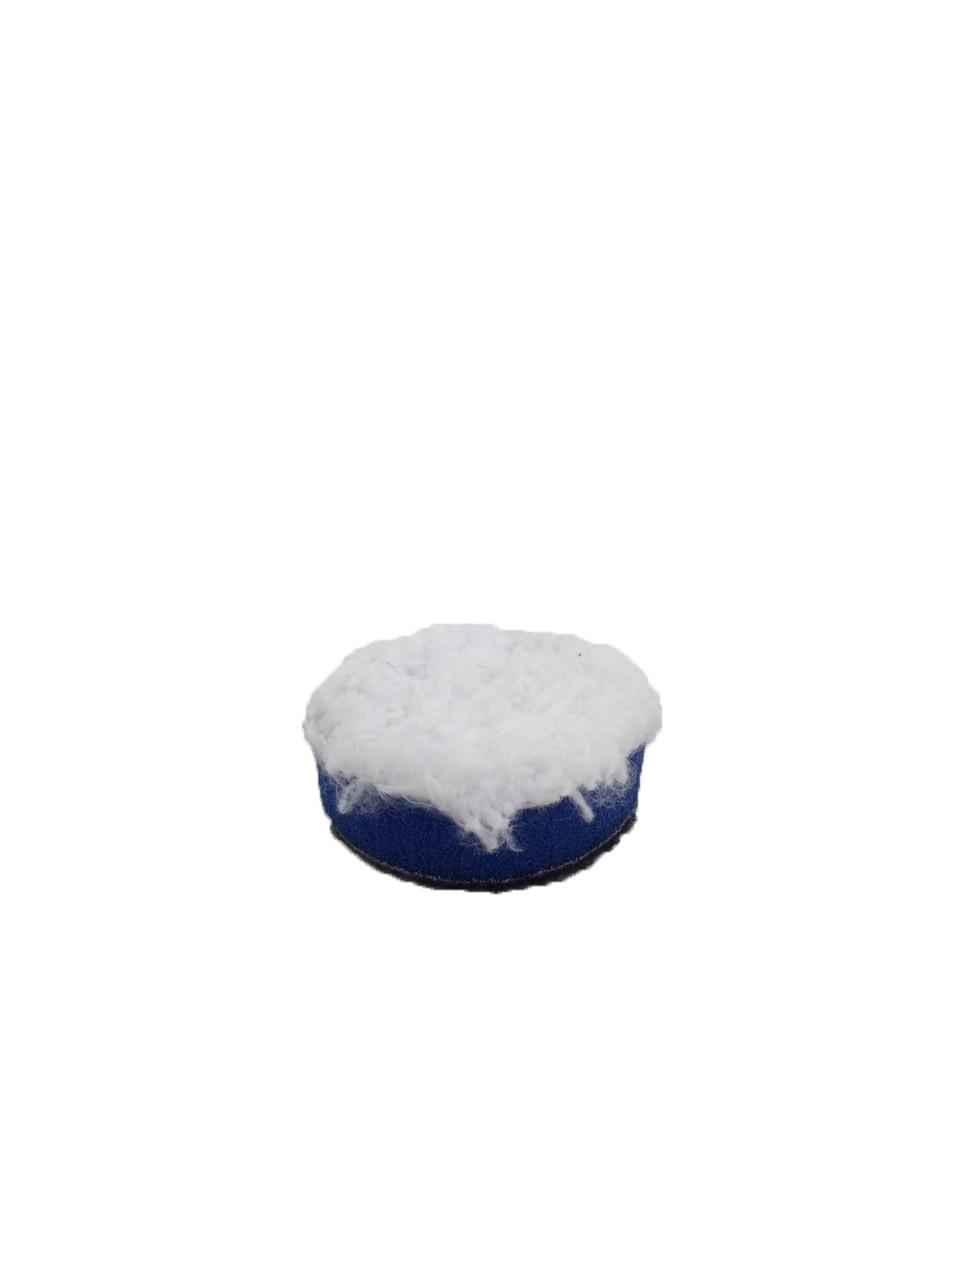 Полировальный круг микрофибровый жесткий - Lake Country Microfiber White Cutting 32 мм. (MF-150 CUT)